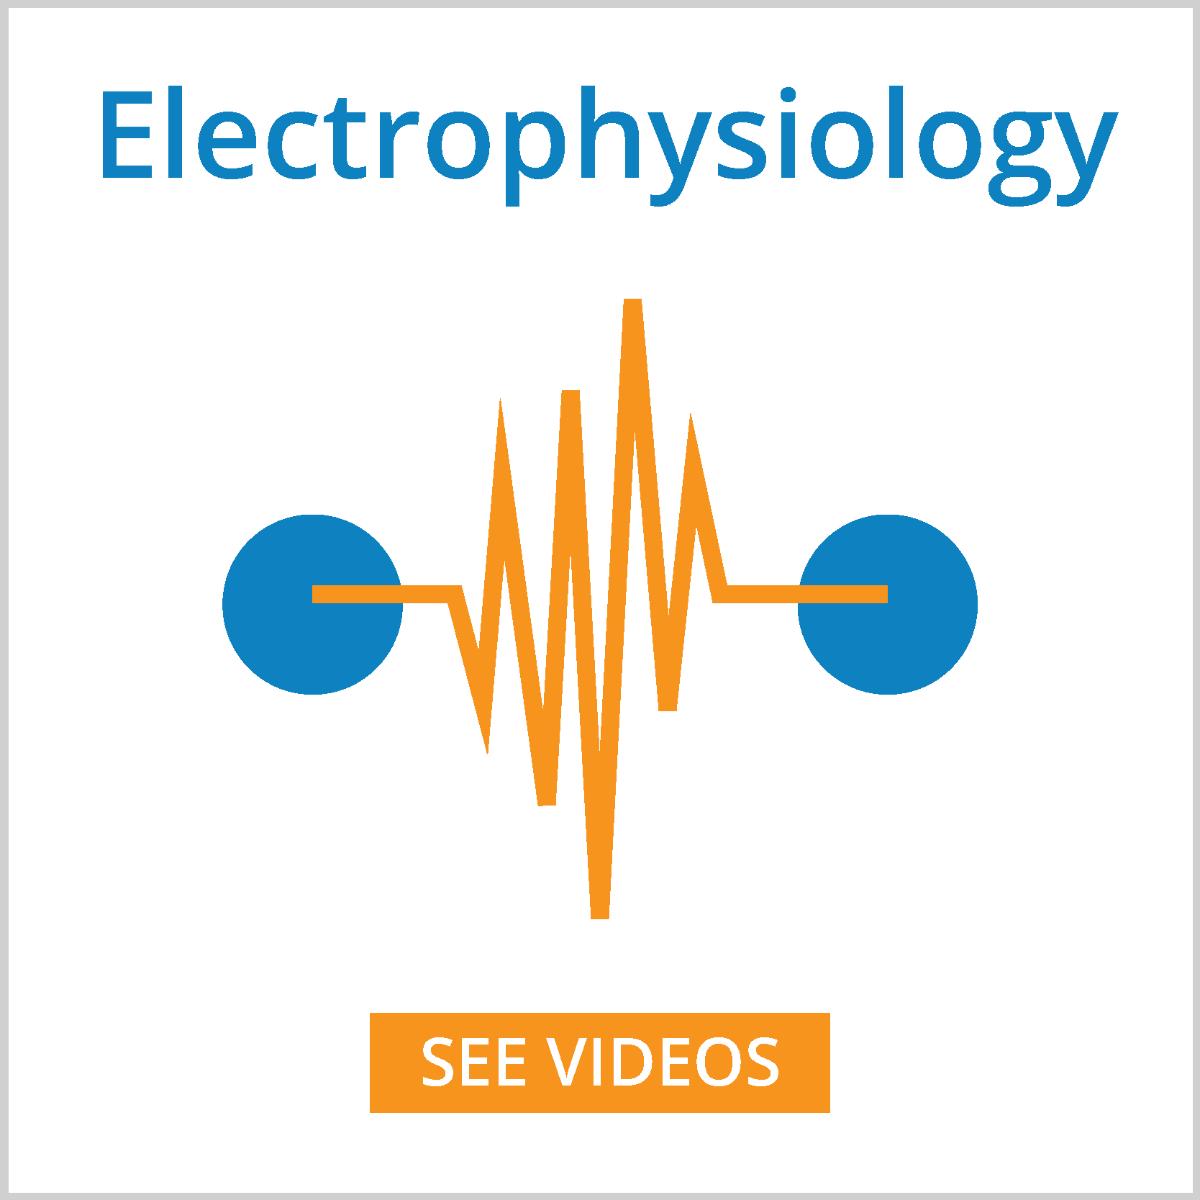 electrophysiology videos